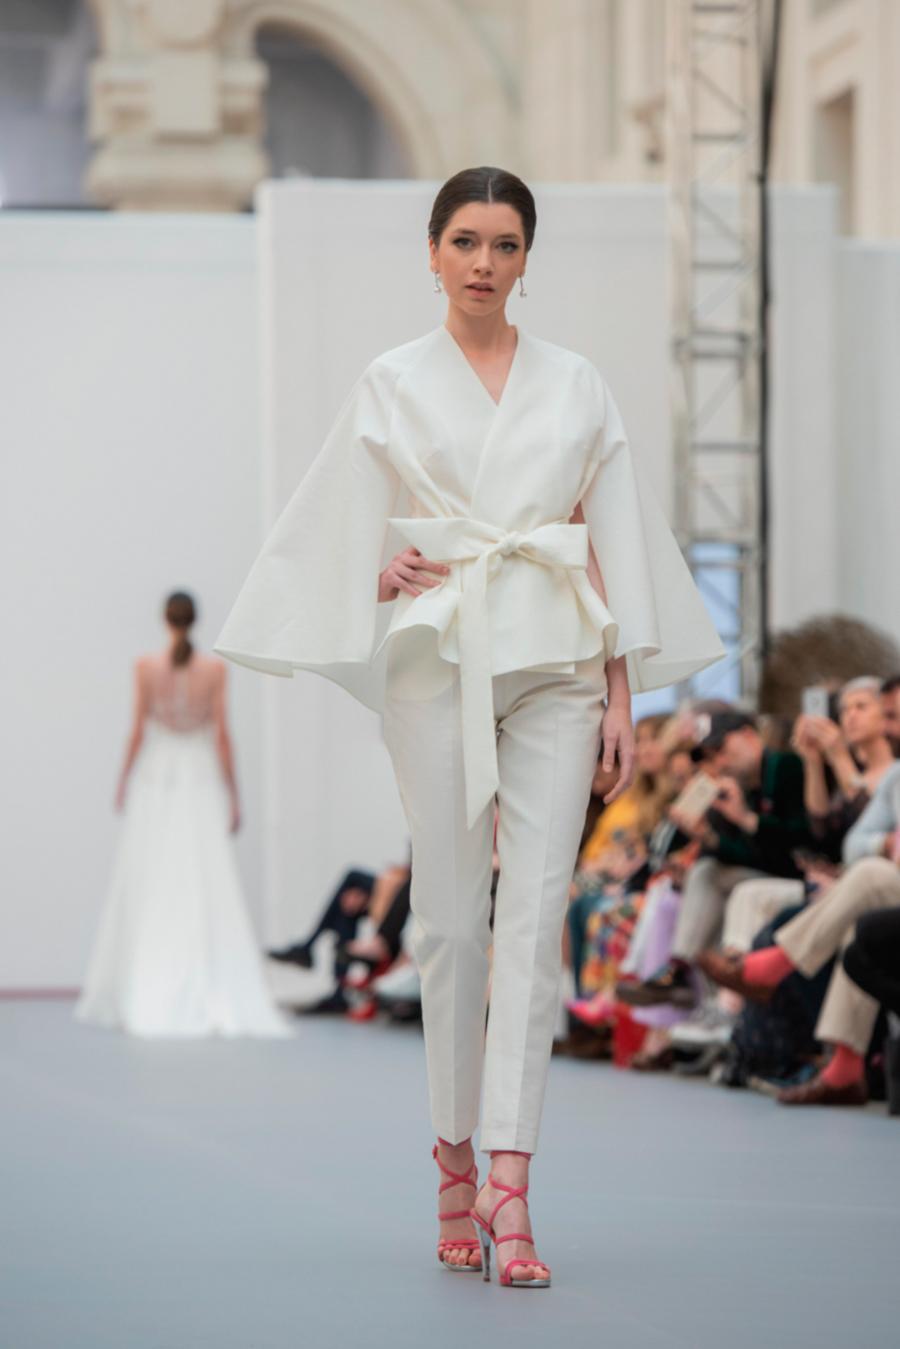 Alicia de \'Maestros de la Costura\' busca vestido de novia - InStyle